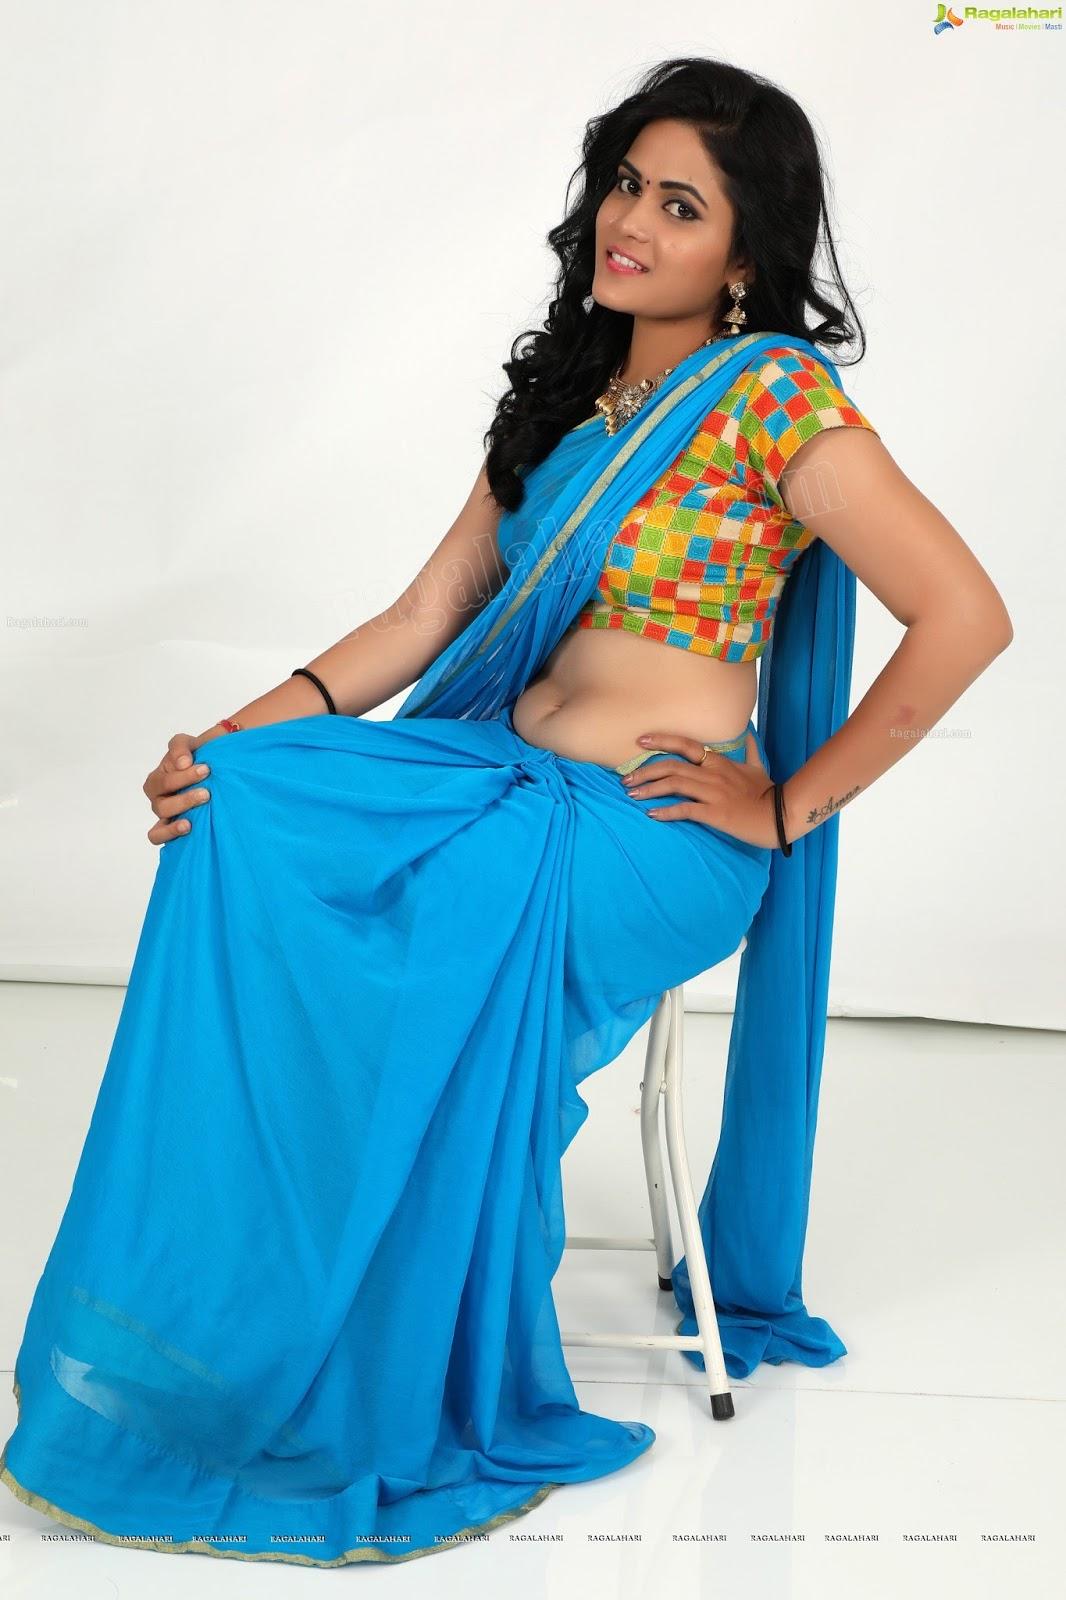 telugu actress hot photos: latest hot photos of actress